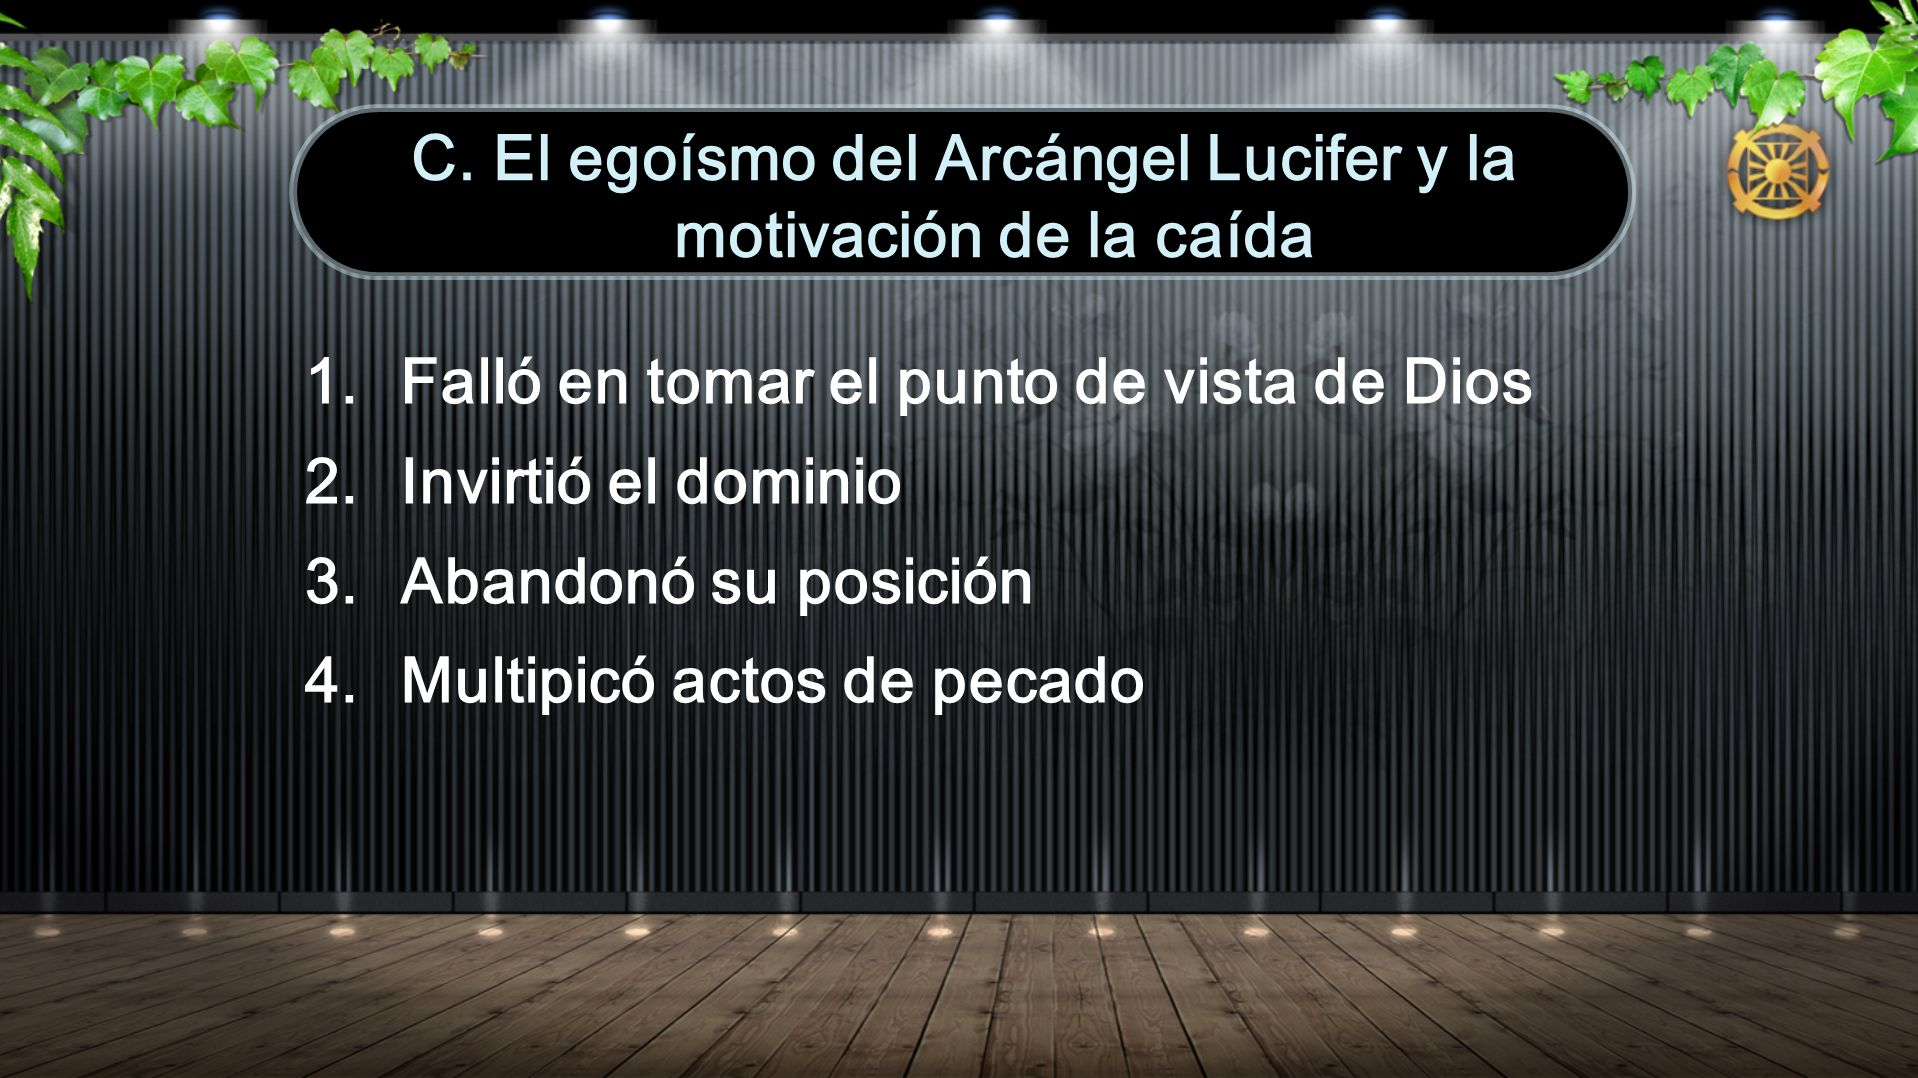 C. El egoísmo del Arcángel Lucifer y la motivación de la caída